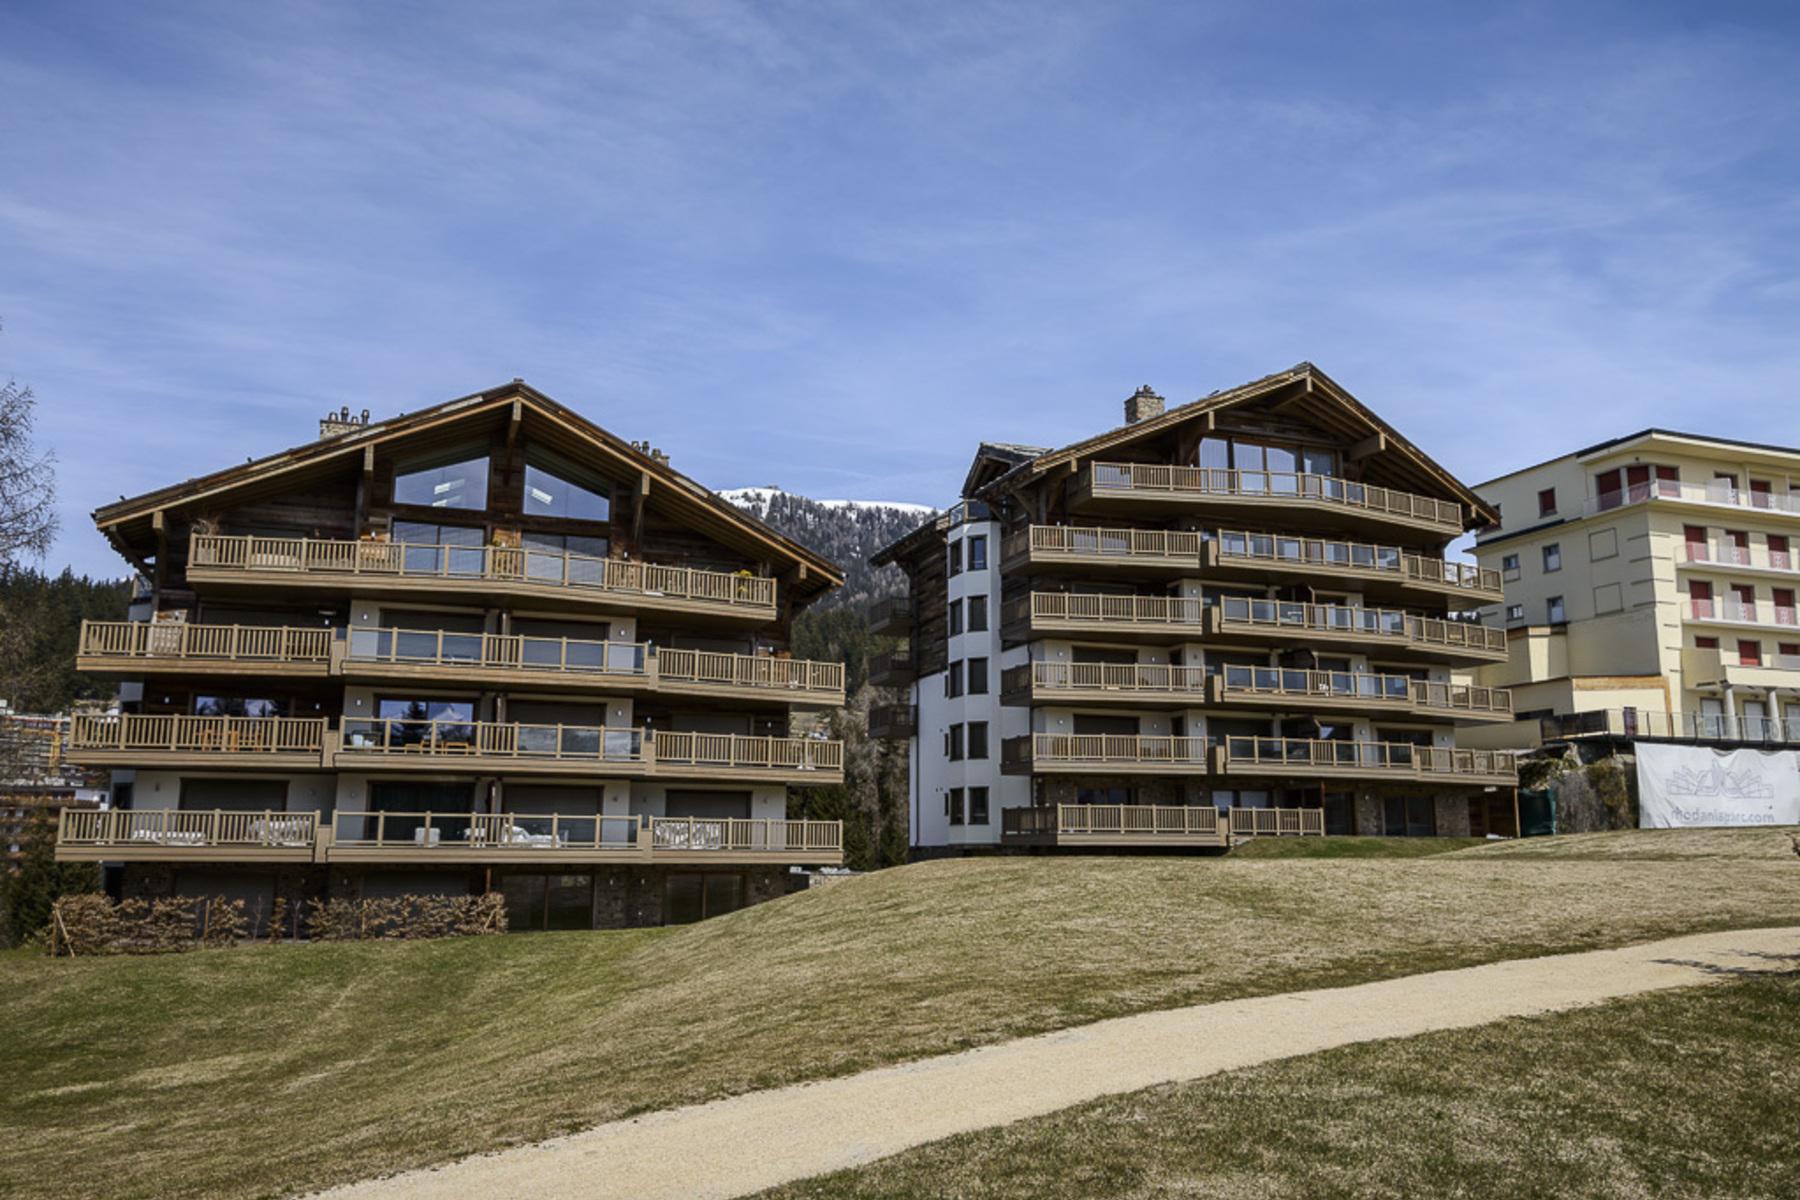 Кондоминиум для того Продажа на Barolins, 3 rooms, 3rd floor Route des Mélèzes Crans, Вале, 3963 Швейцария